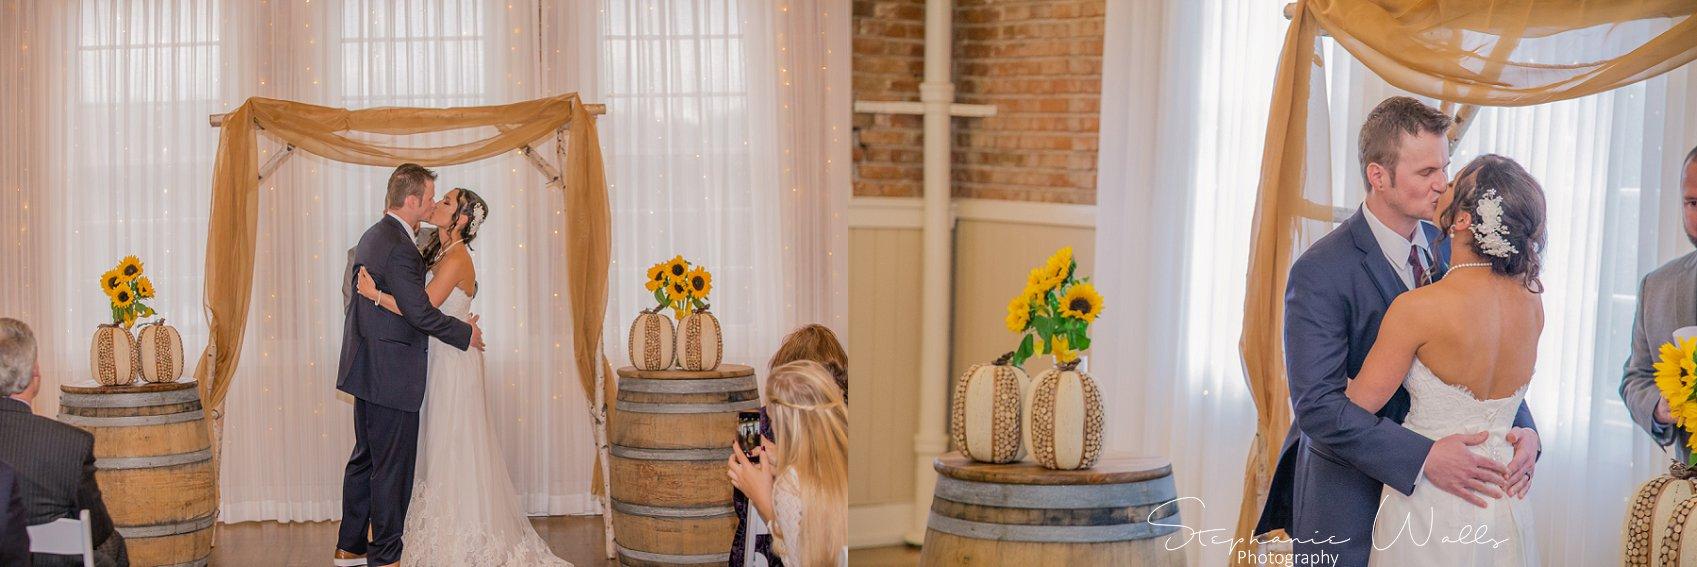 Ceremony 111 1 KK & Zack   Hollywood Schoolhouse Wedding   Woodinville, Wa Wedding Photographer